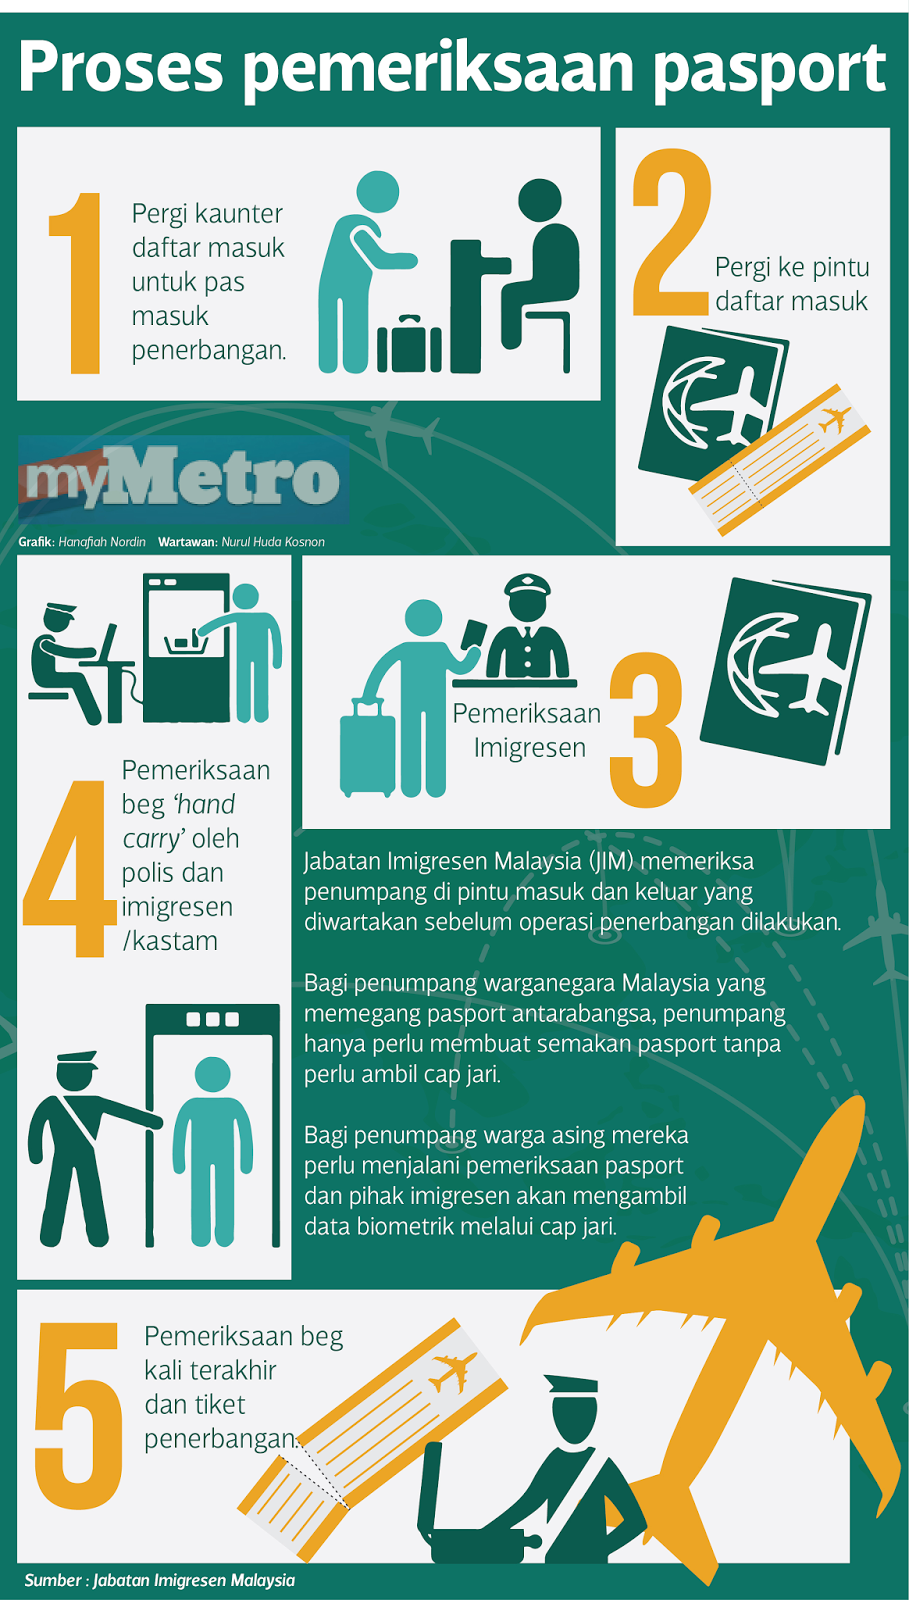 MH370, imigresen, Malaysia,